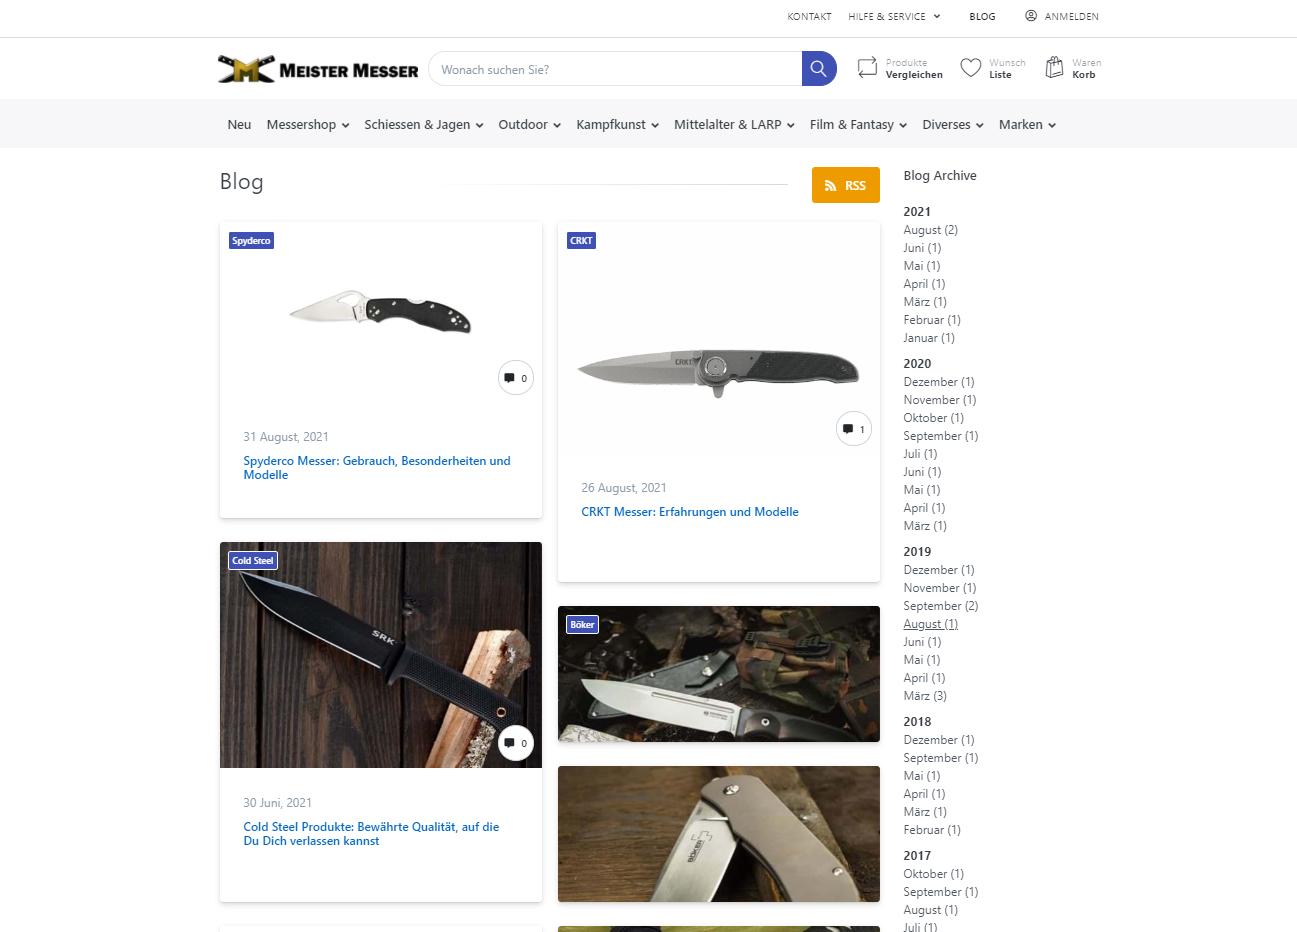 Blogartikel Meister Messer